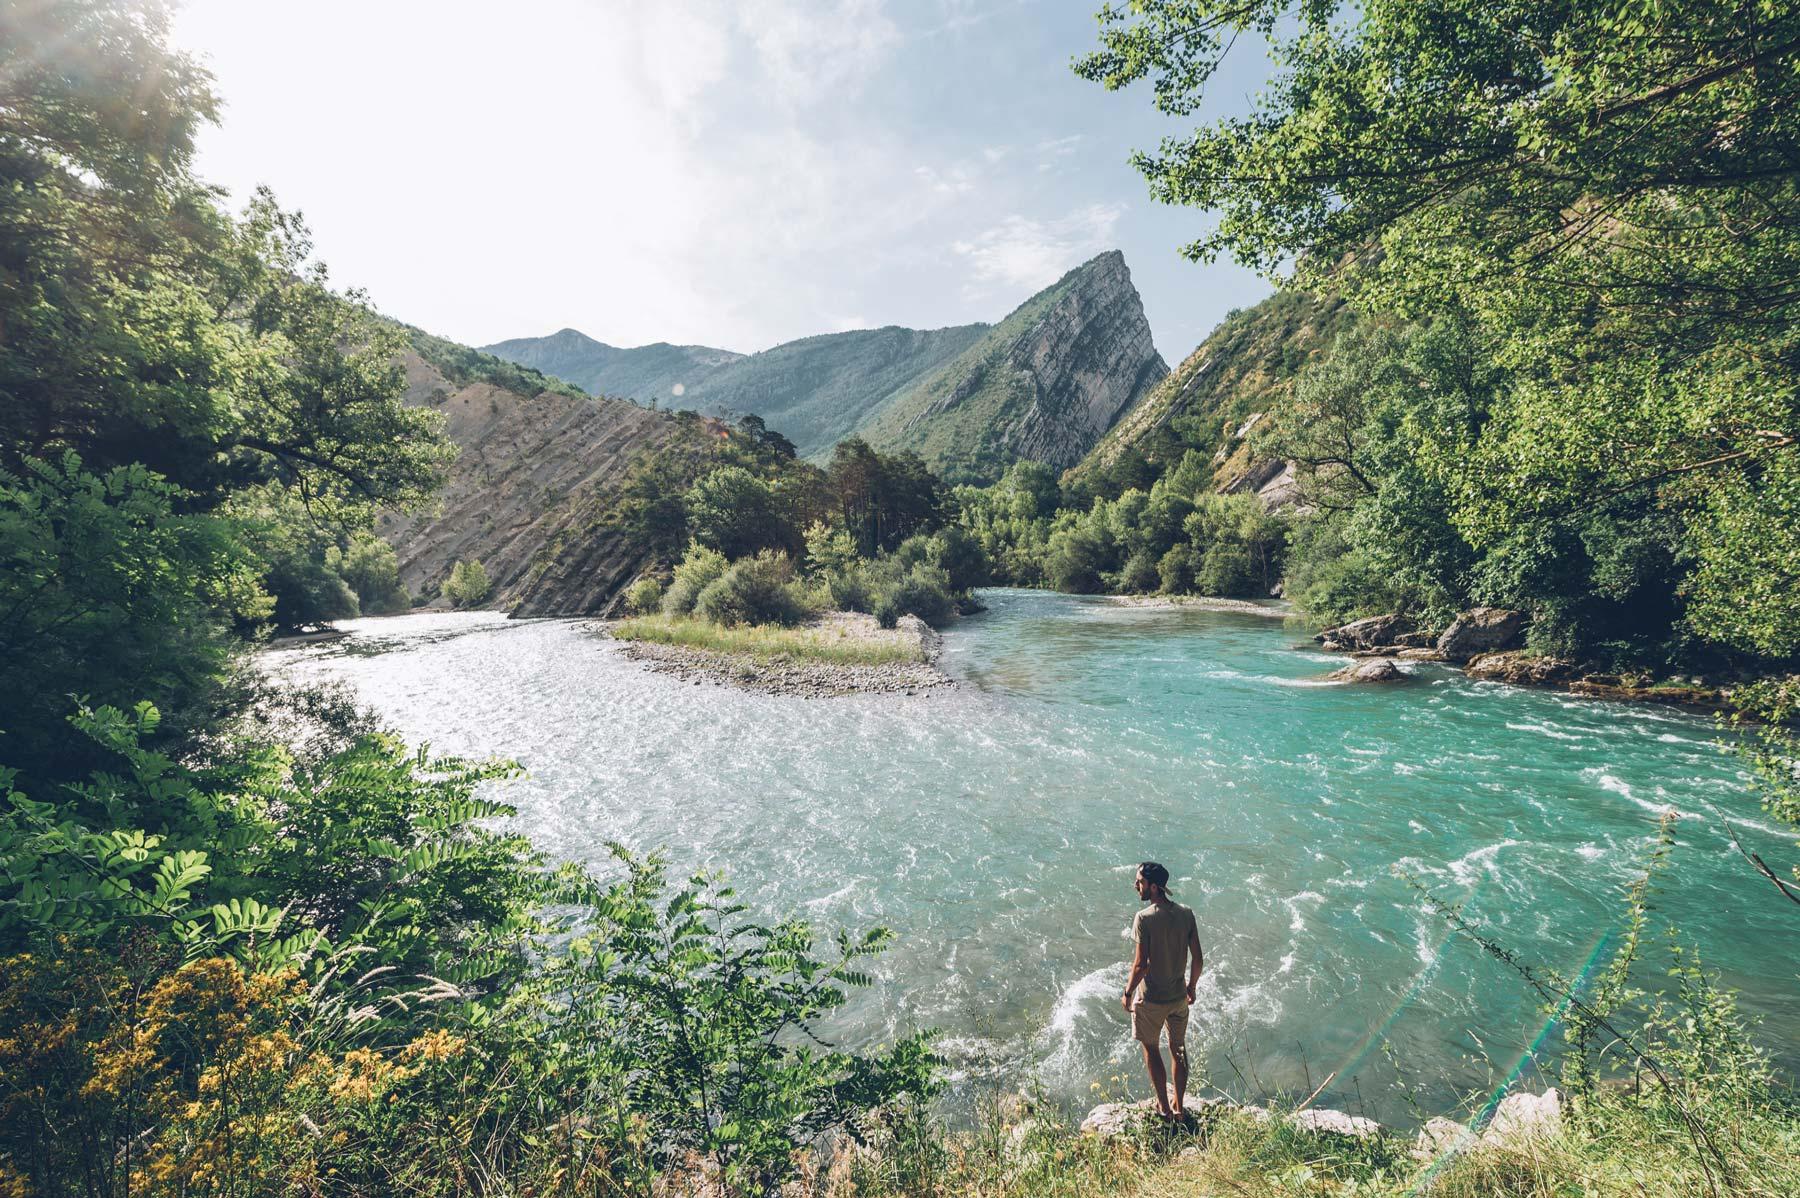 Bord de rivière chez Huttopia, Gorges du Verdon